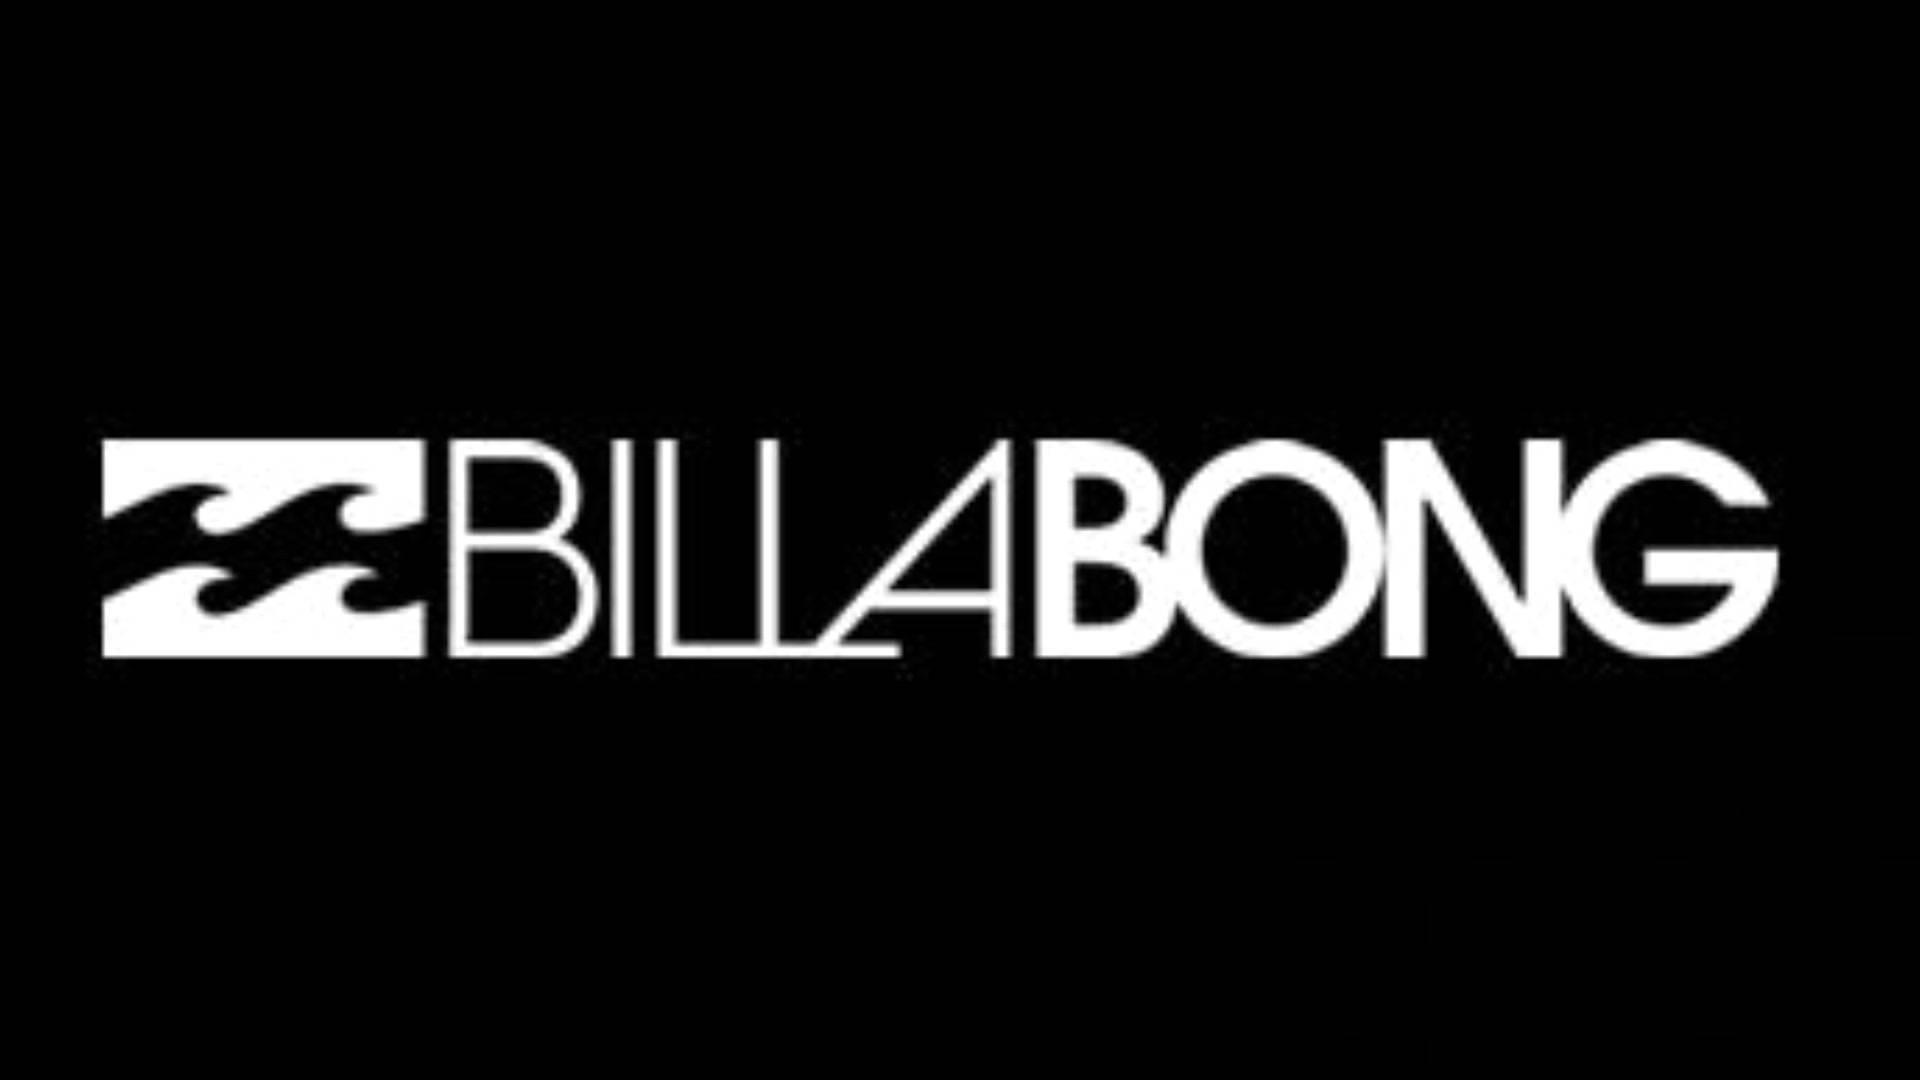 Logotipo Billabong